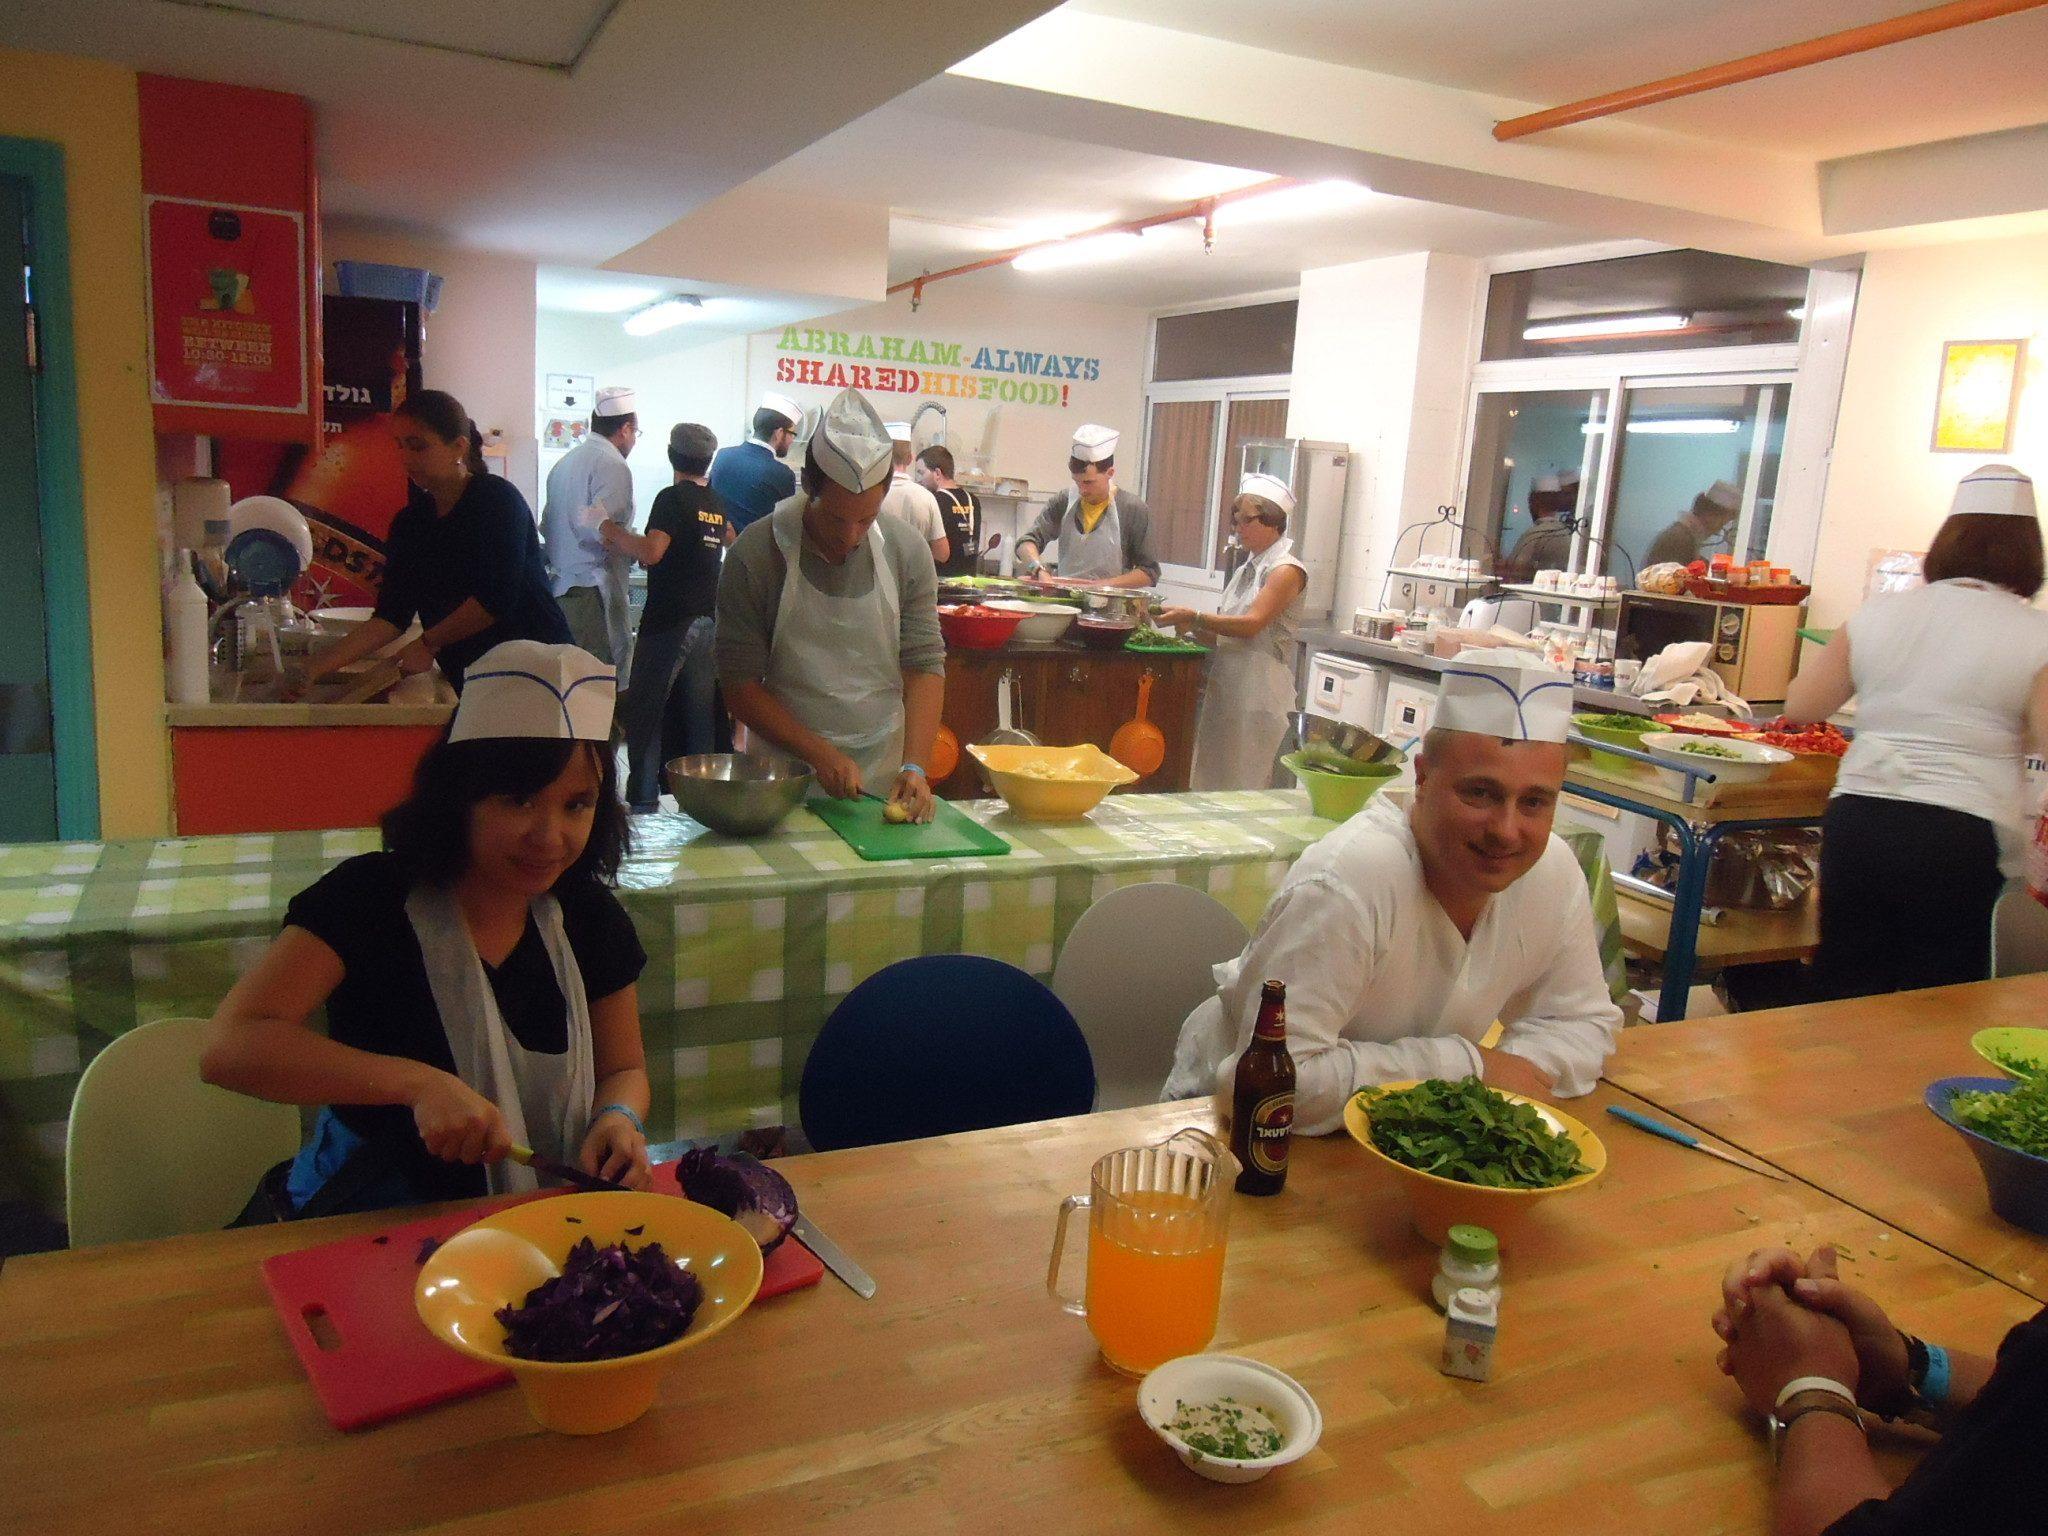 shabbat dinner in jerusalem israel